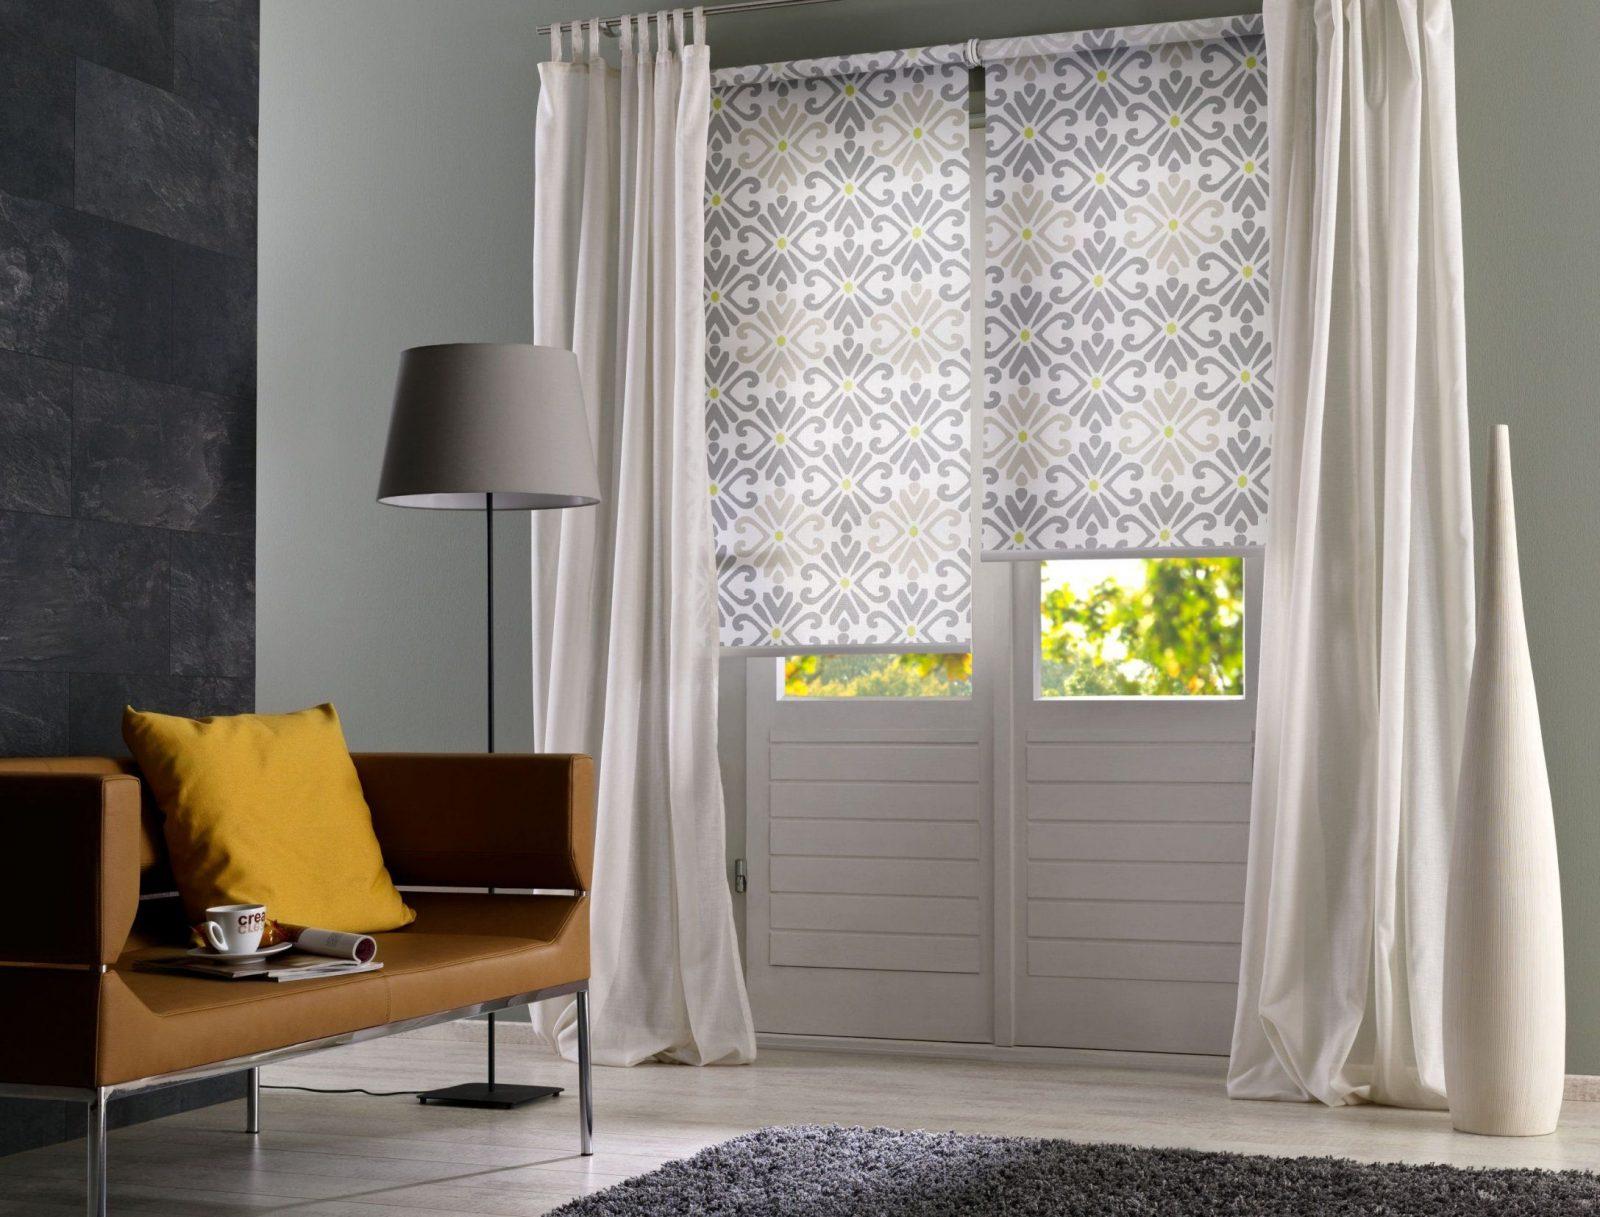 Gardinen Neueste Gardinen Ideen Für Kleine Fenster Attraktiv von Gardinen Ideen Kleine Fenster Photo